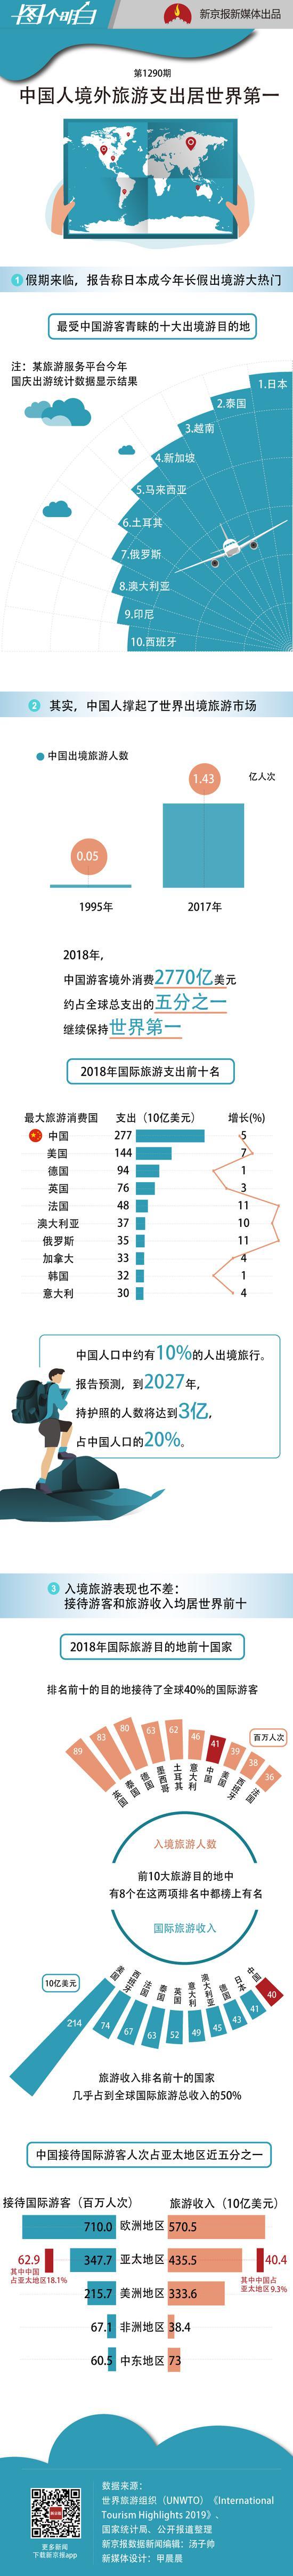 全世界哪里人最会玩?中国出境游人数支出全球第一